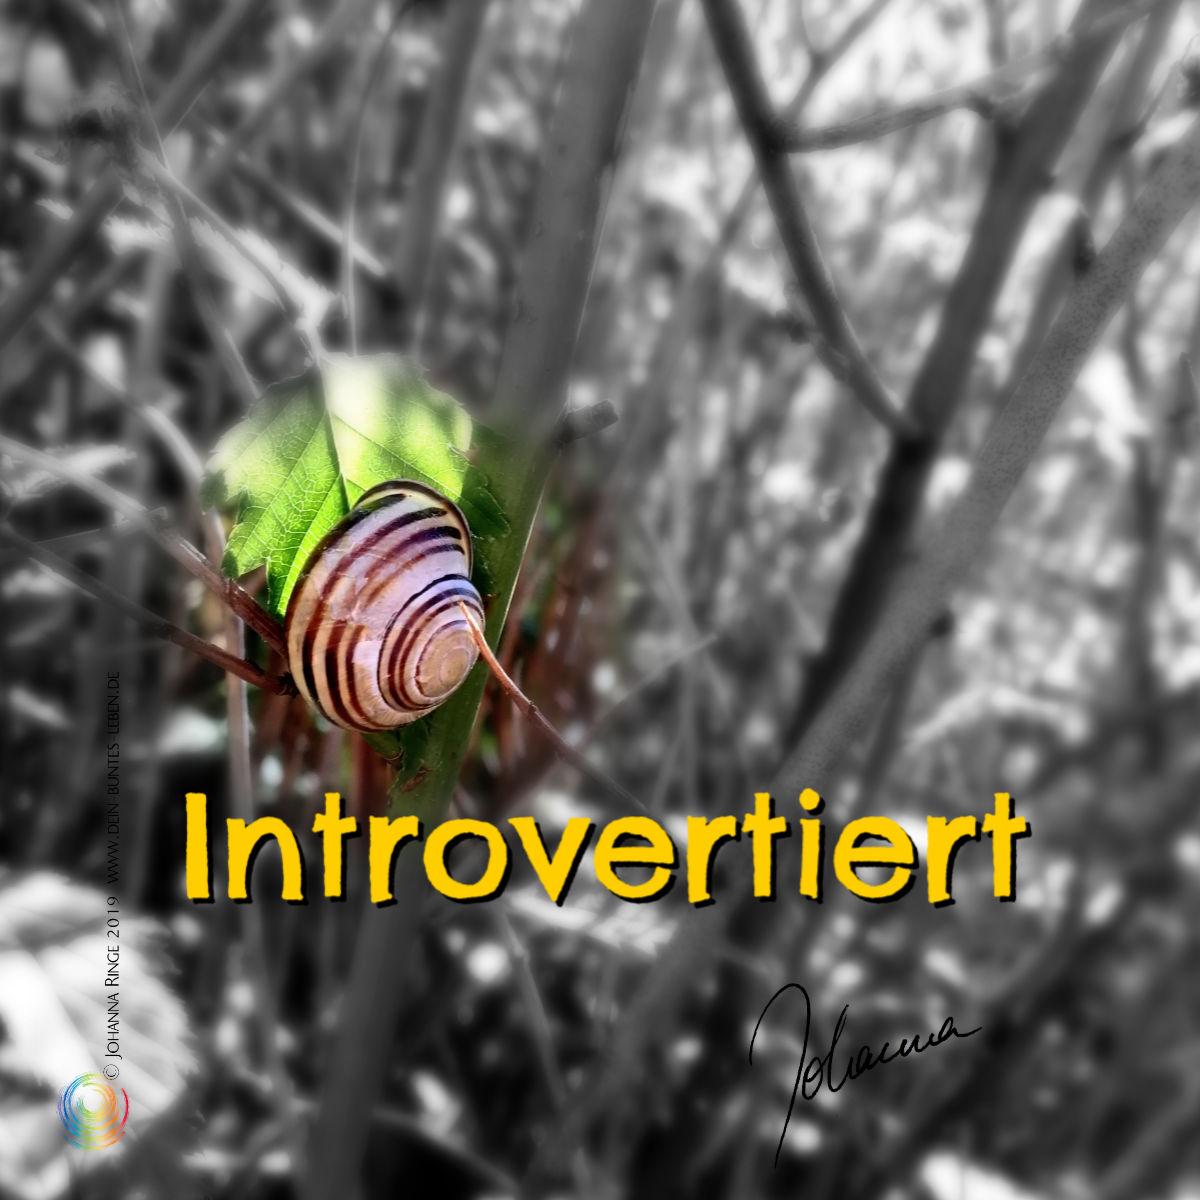 introvertiert: ein Schnecklein im Geäst. ©Johanna Ringe 2019 www.dein-buntes-leben.de